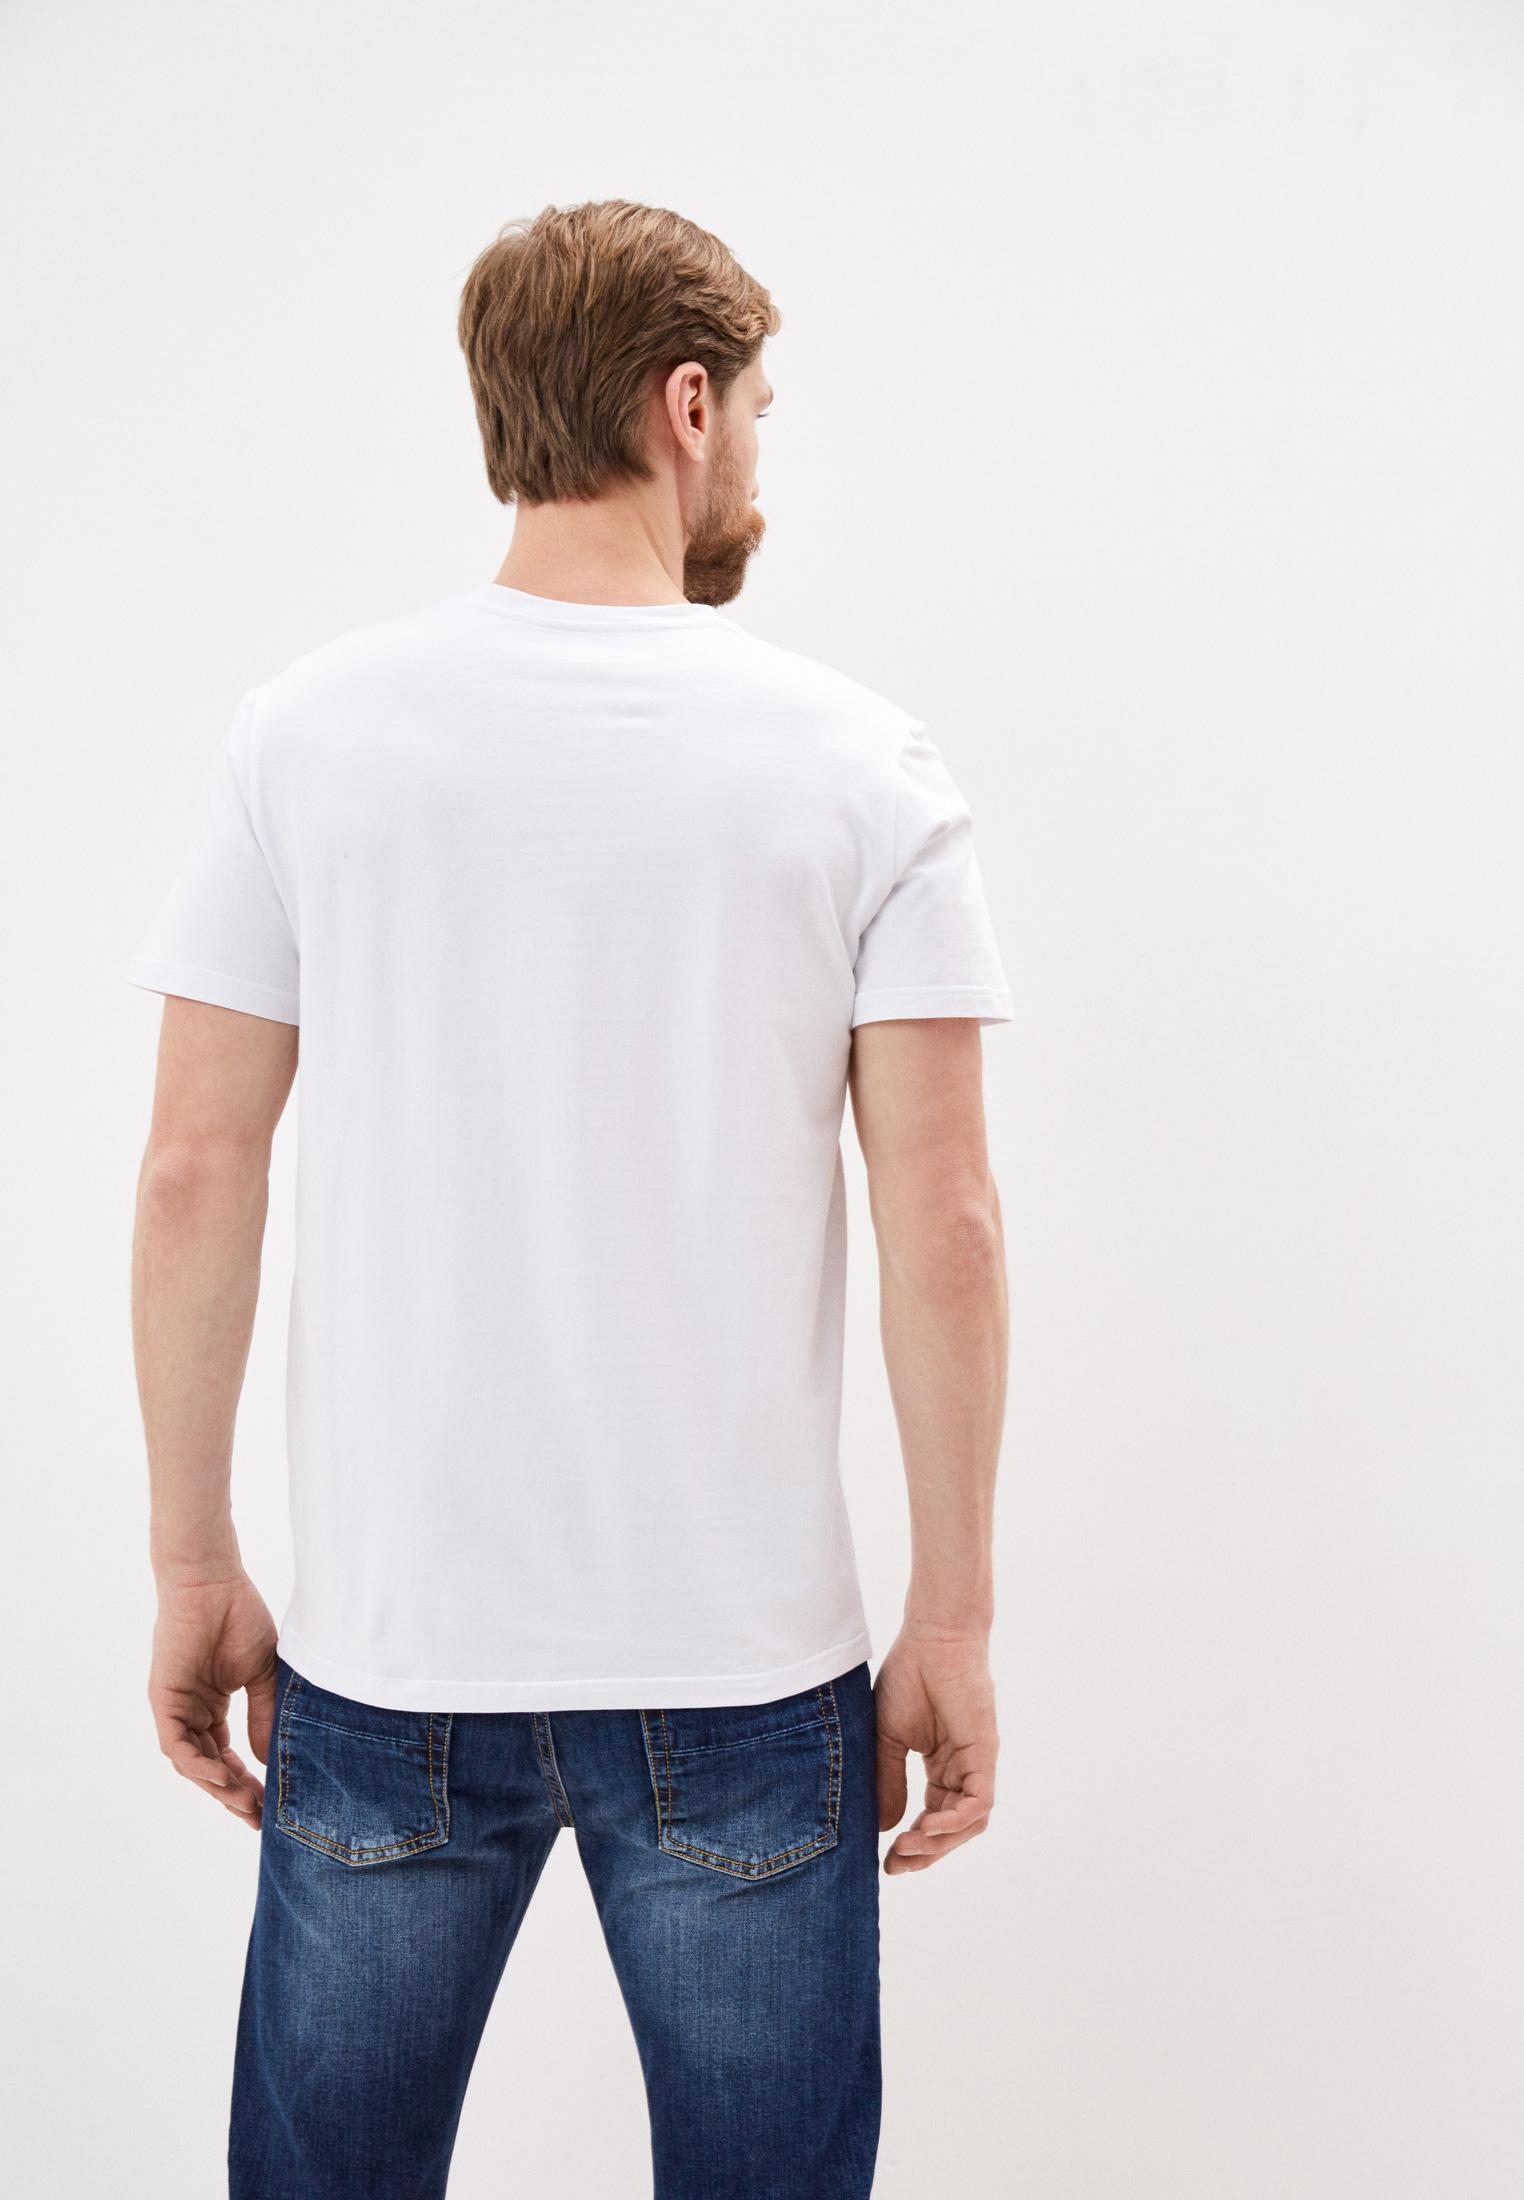 Мужская футболка Baldinini (Балдинини) JJMR17K004: изображение 4